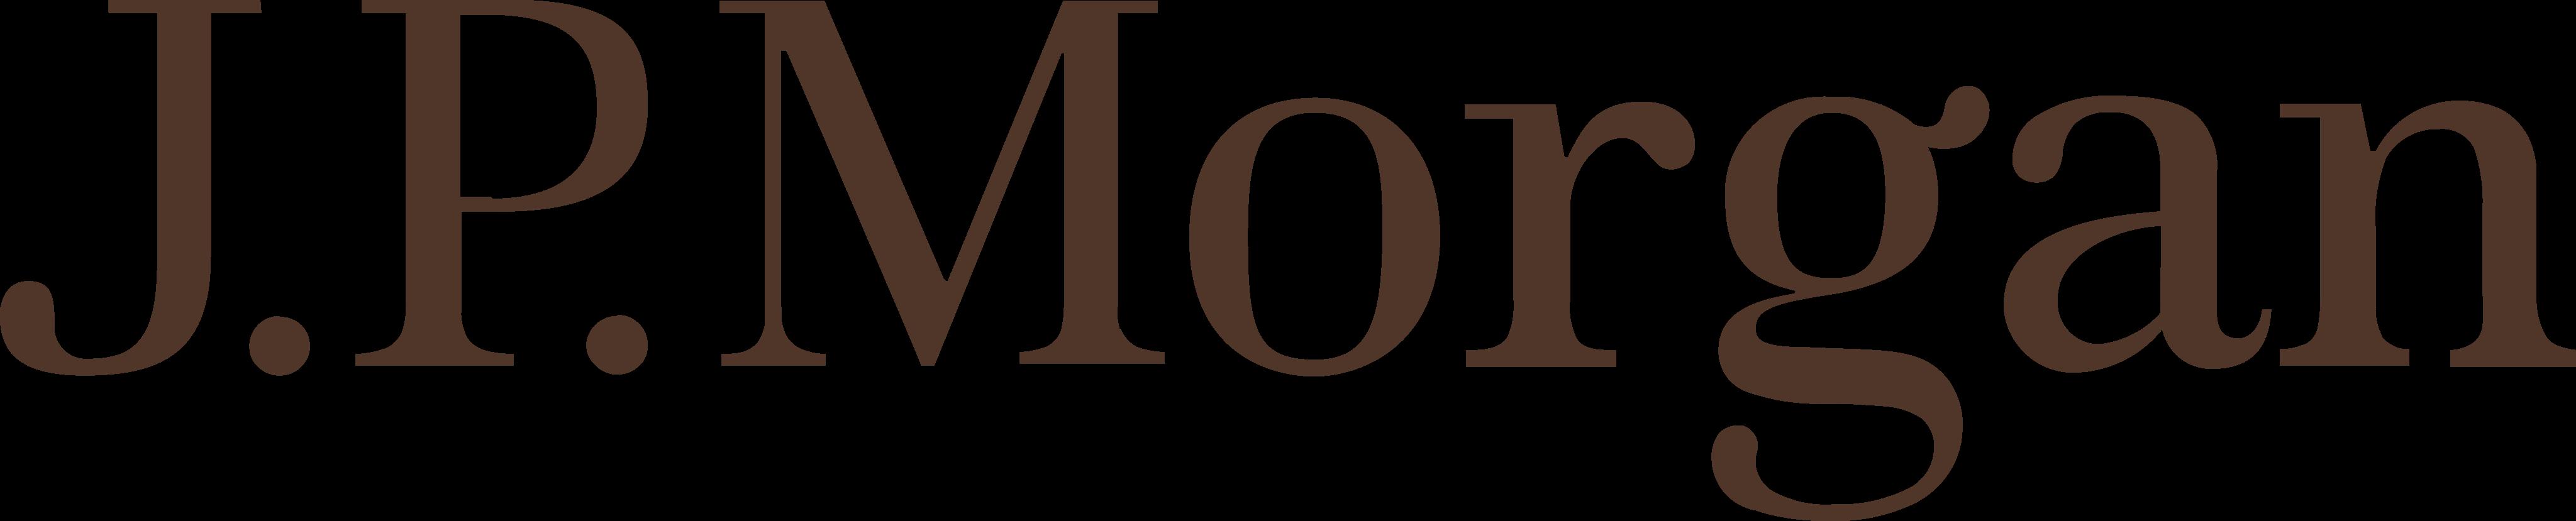 jp morgan logo - J.P. Morgan Logo